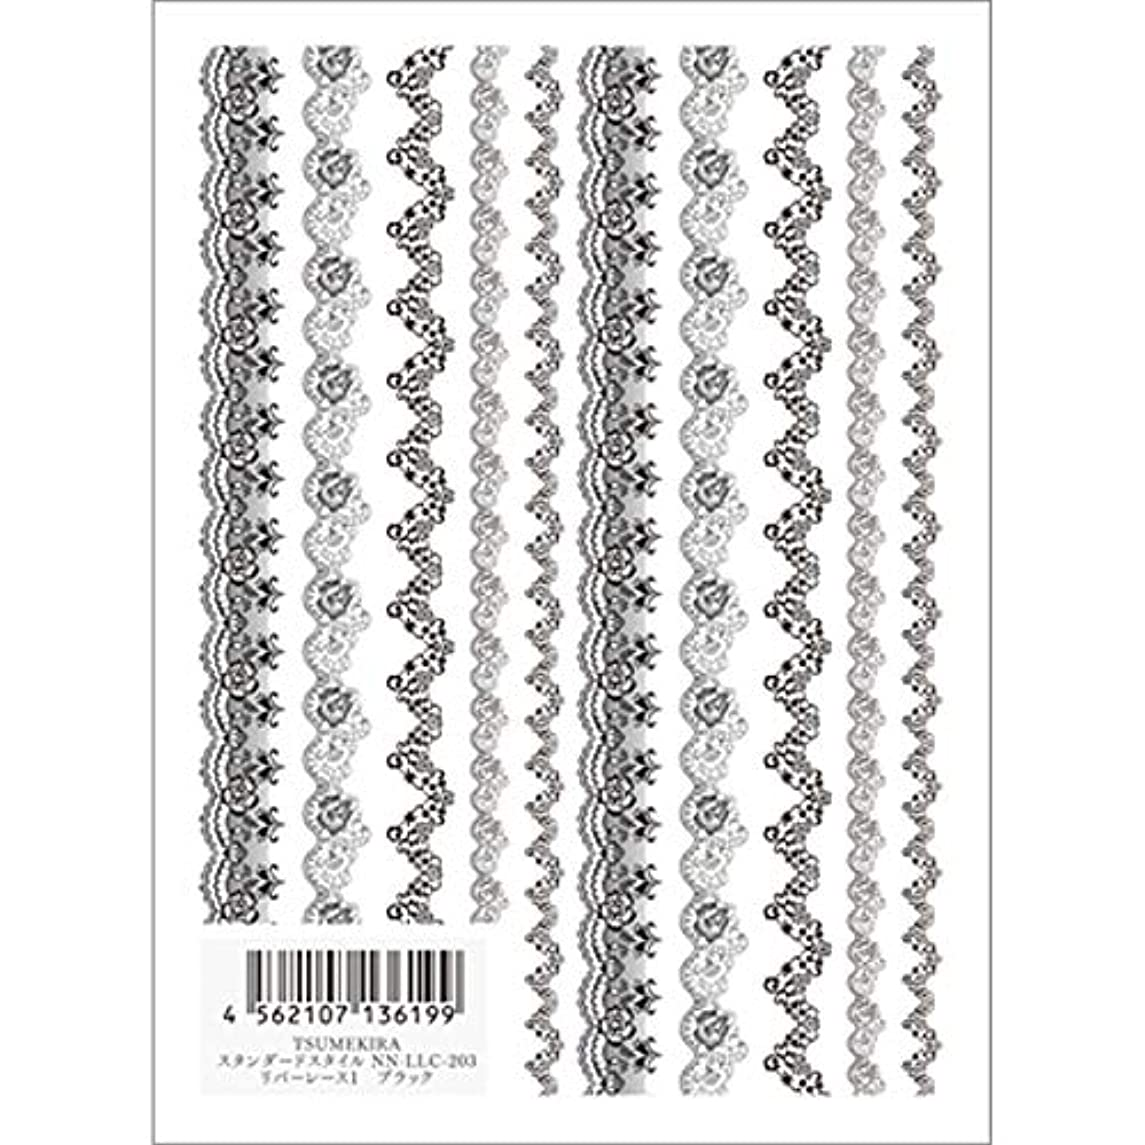 不機嫌そうな静かなカラスツメキラ(TSUMEKIRA) ネイル用シール リバーレース1 ブラック NN-LLC-203